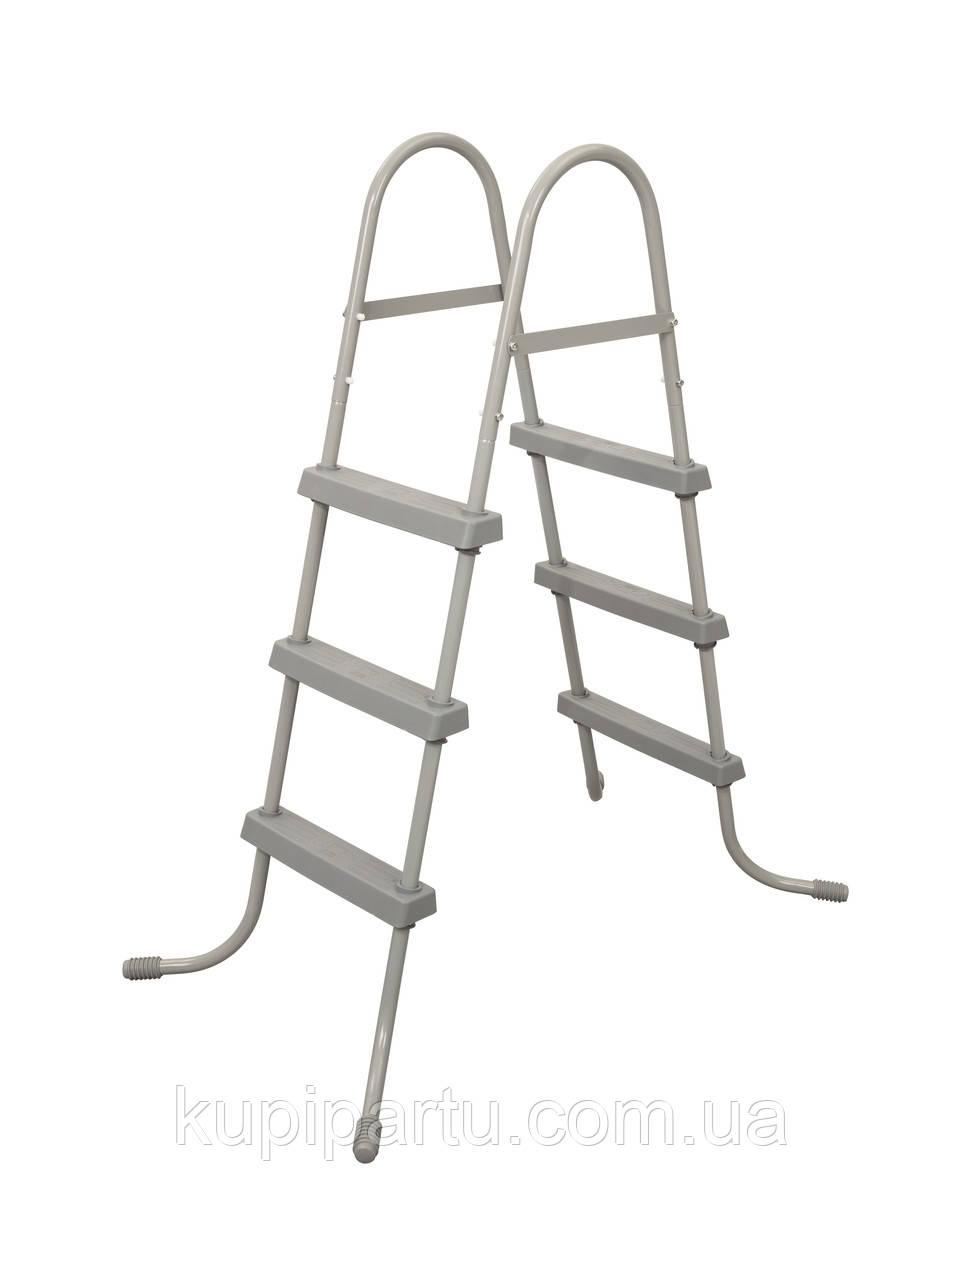 Bestway 58334 Лестница для бассейнов 91см, 3 ступеньки, без площадки